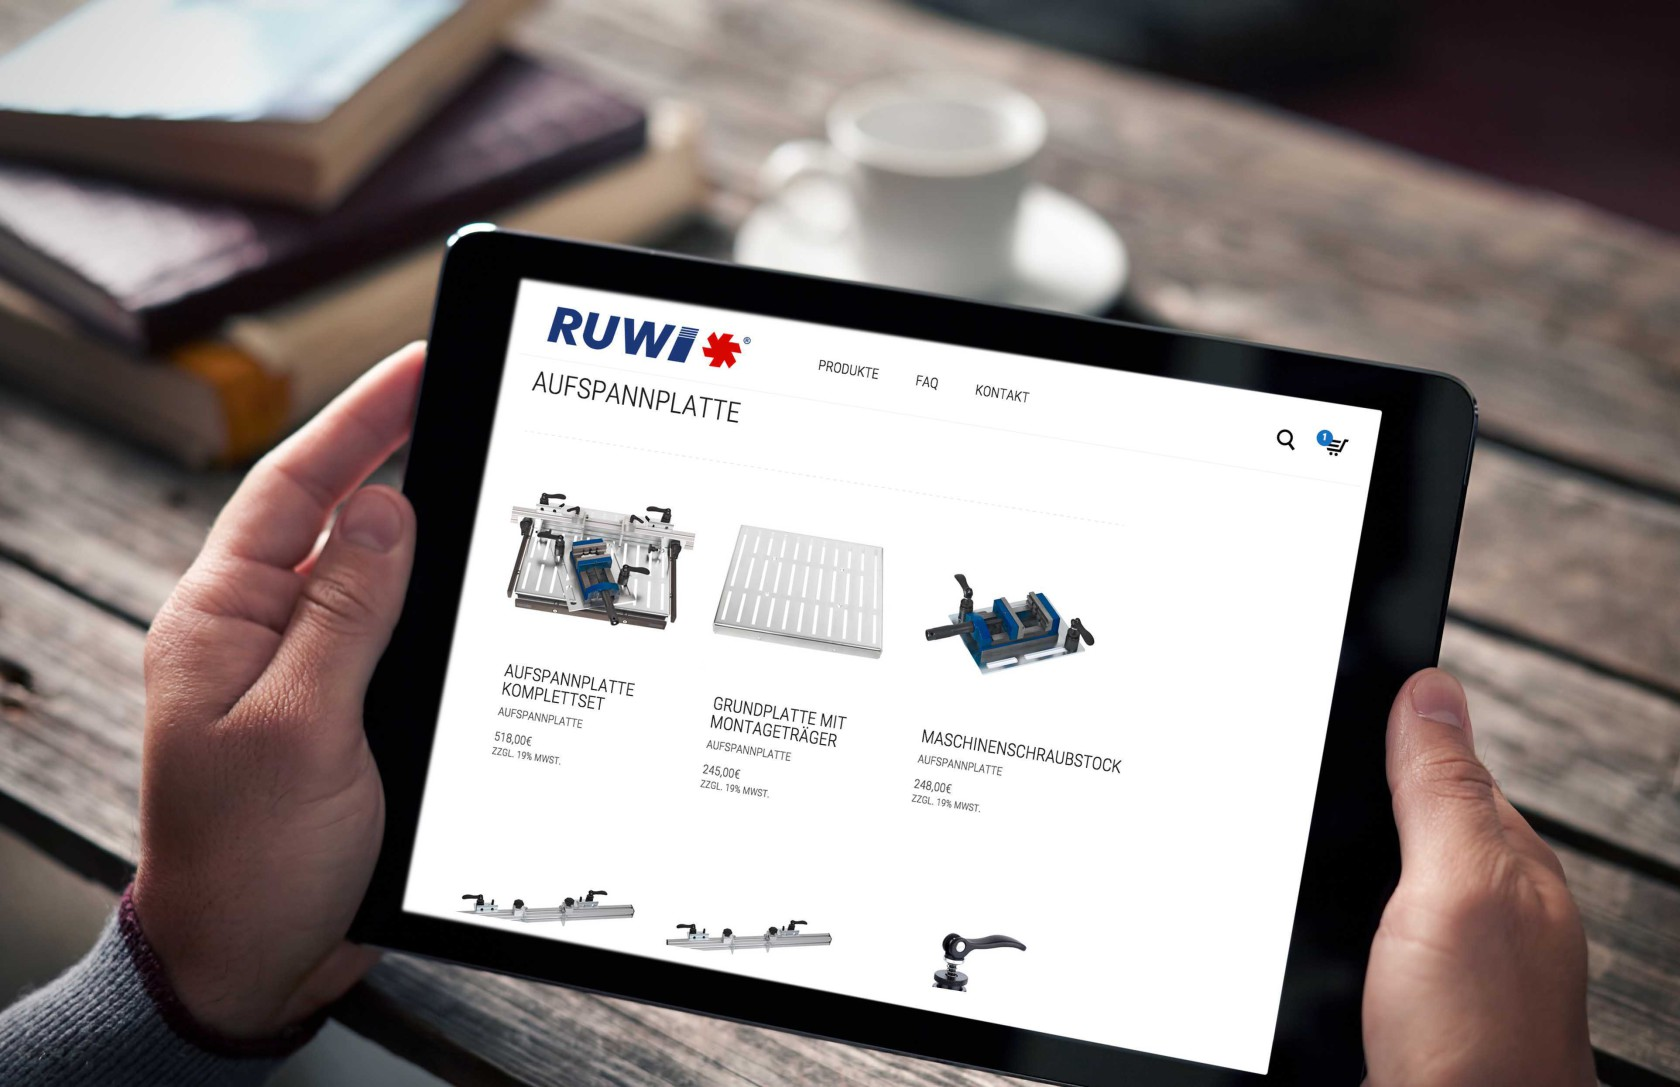 Dürfen wir vorstellen? Der RUWI Online Shop!